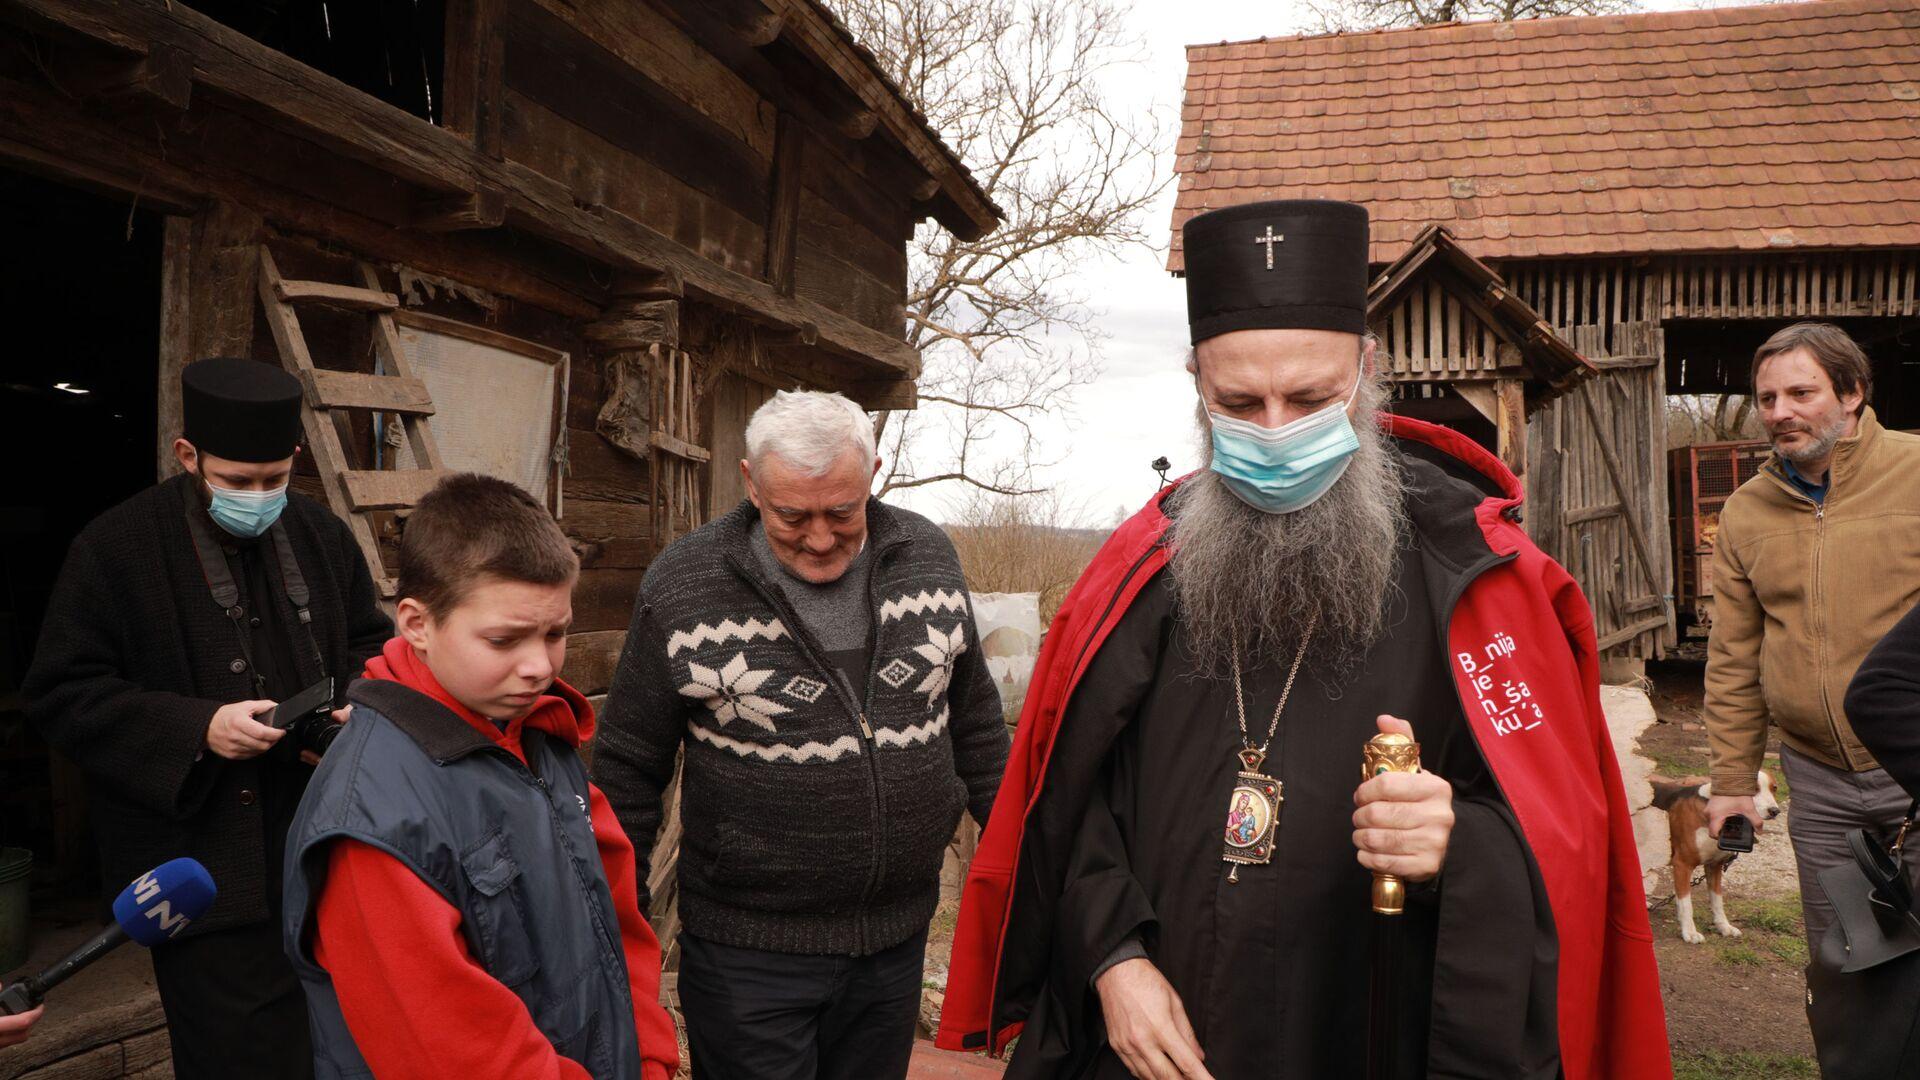 Патријарх Порфирије посетио је српске породице које је погодио земљотрес на Банији - Sputnik Србија, 1920, 18.09.2021